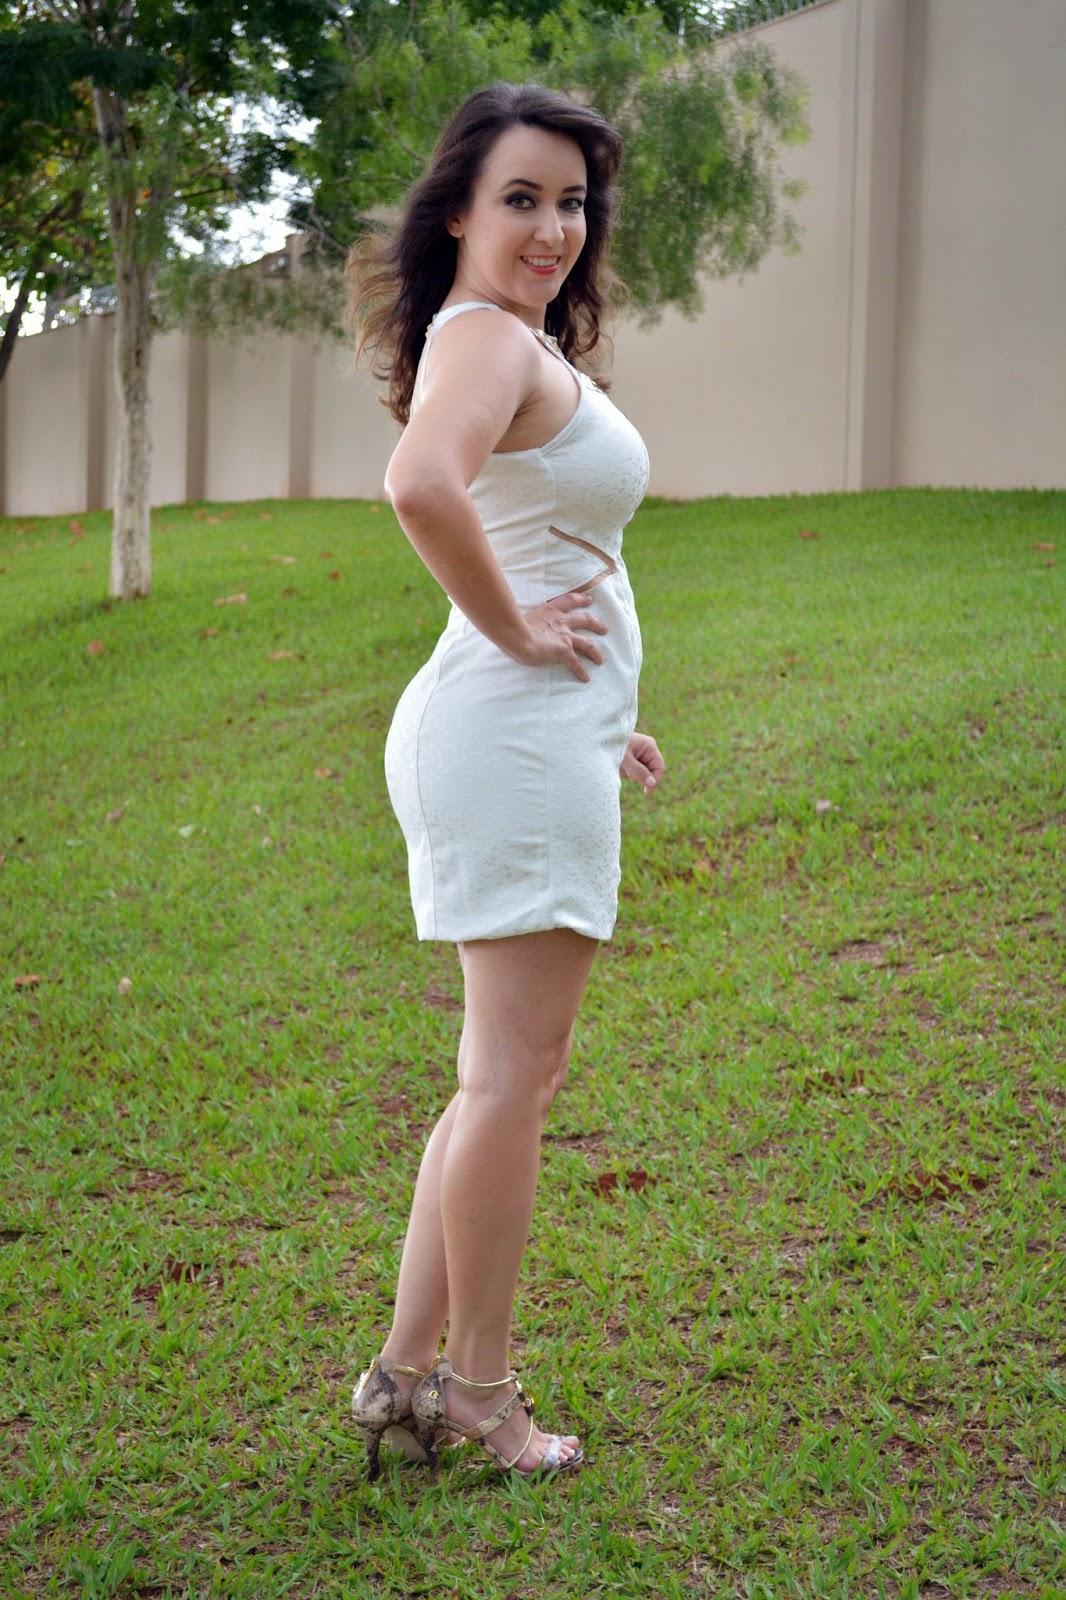 vestido branco, look para o ano novo, vestido branco para o ano novo, loja pamela zanandrea, blog camila andrade, look do dia, blog de moda em ribeirão preto, fashion blogger, fashion blogger em ribeirão preto